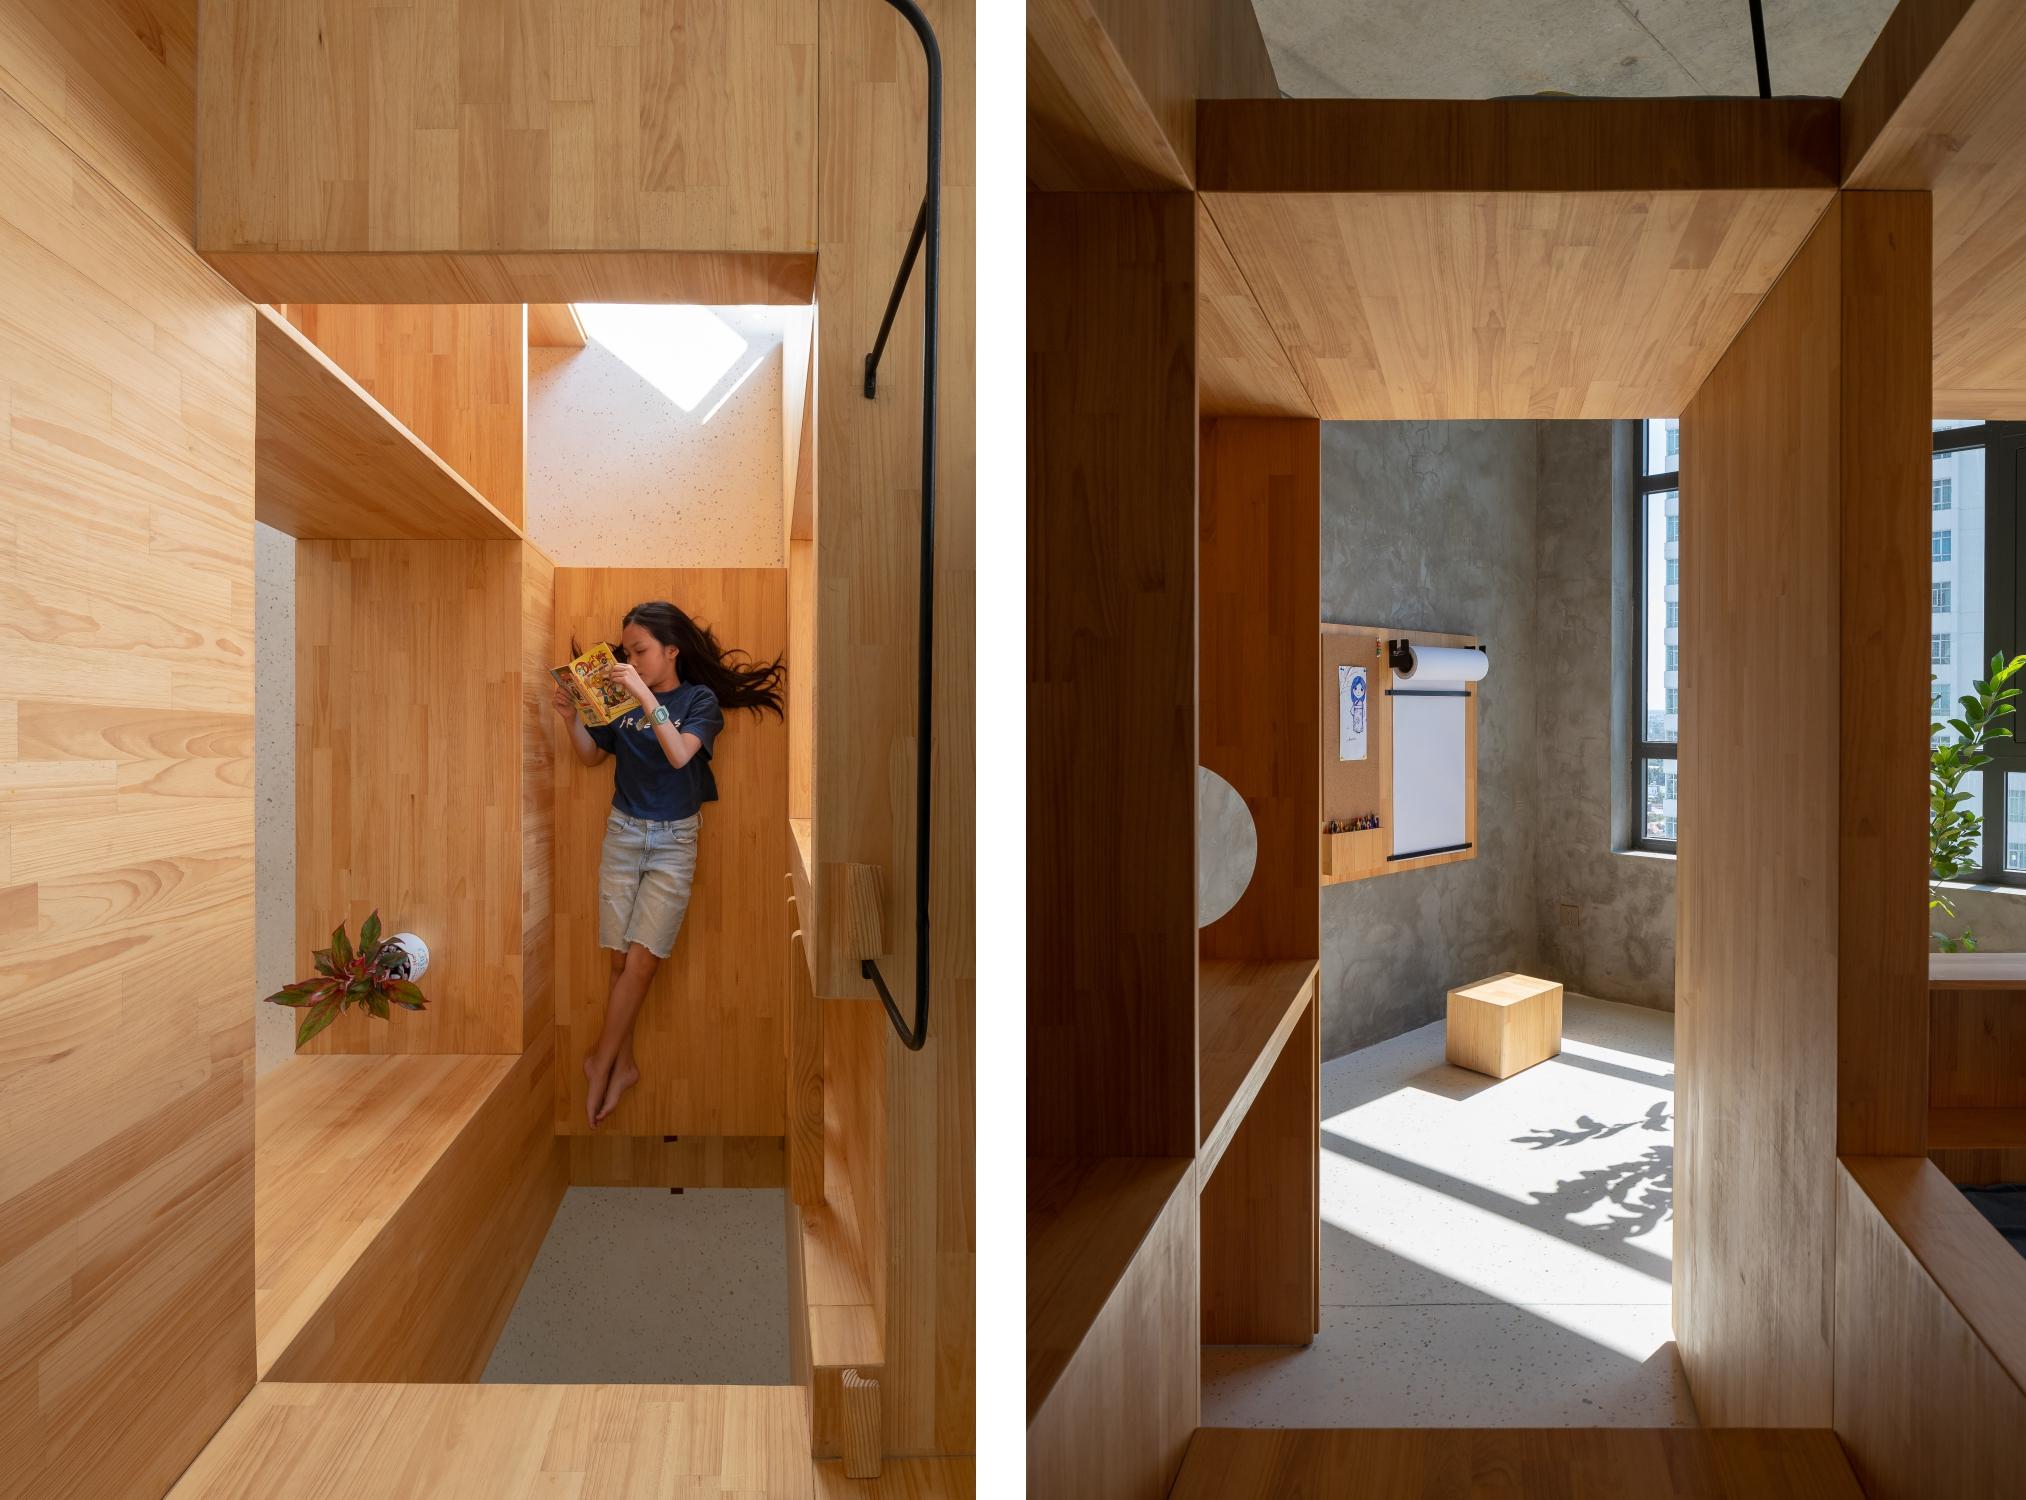 Không gian trong chiếc hộp liên thông theo chiều đứng và chiều ngang